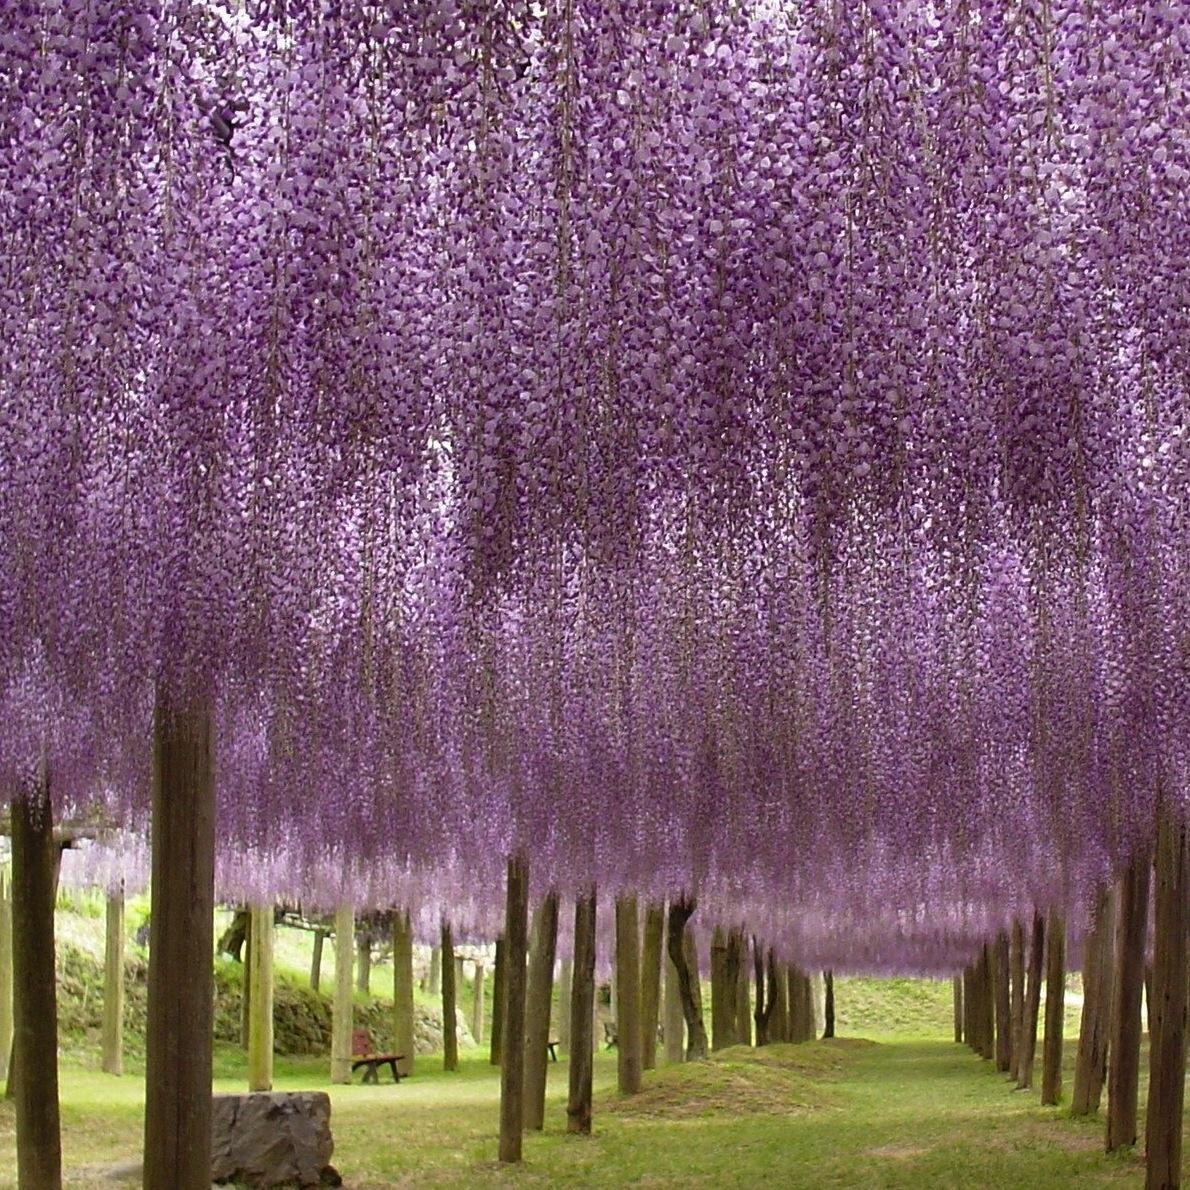 Kawachi+Fuji+Garden+4.jpg (1190×1190)